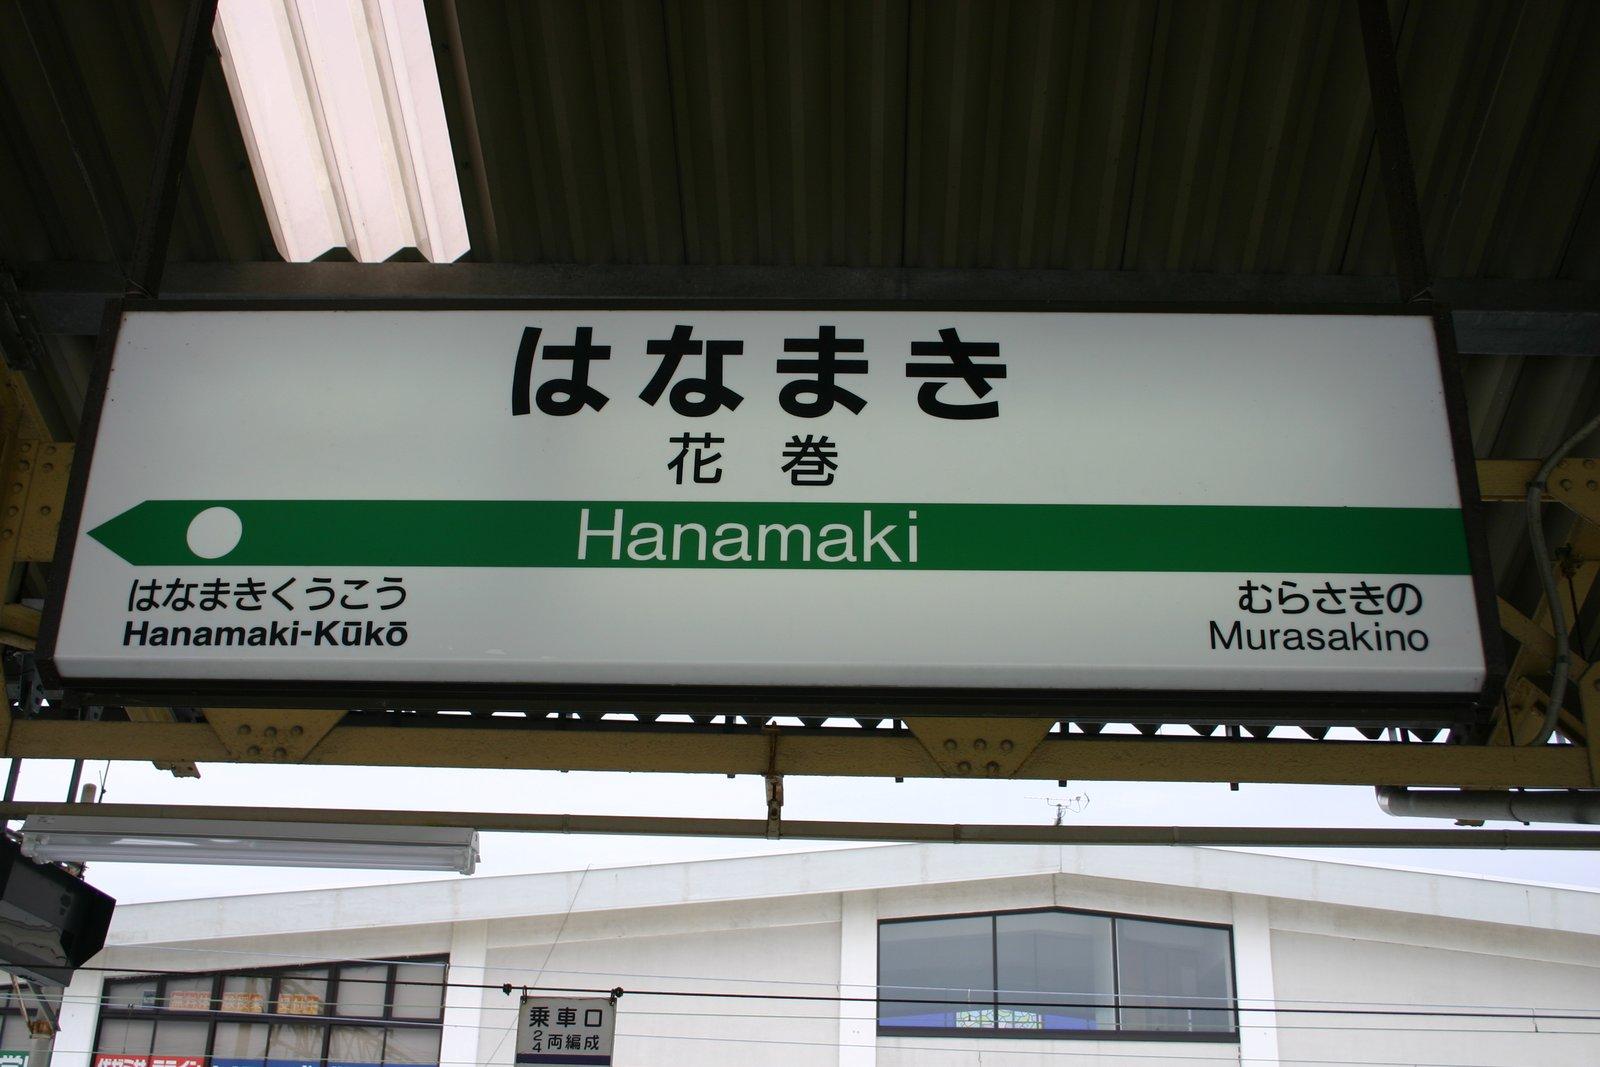 yamabikoのblogspot